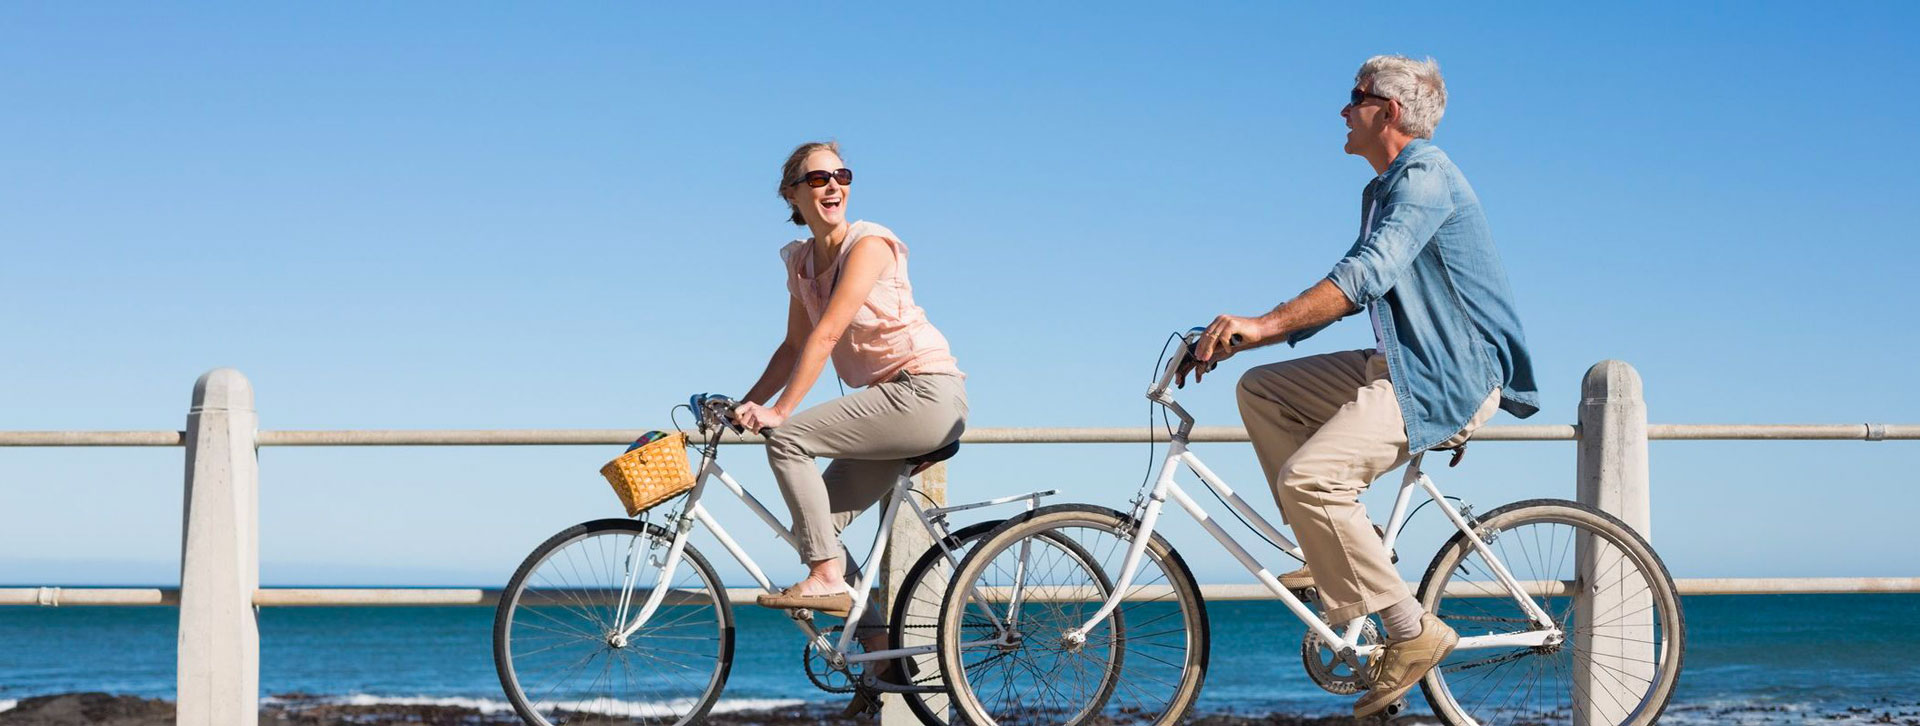 I sei motivi per cui andare in bicicletta fa bene alla salute